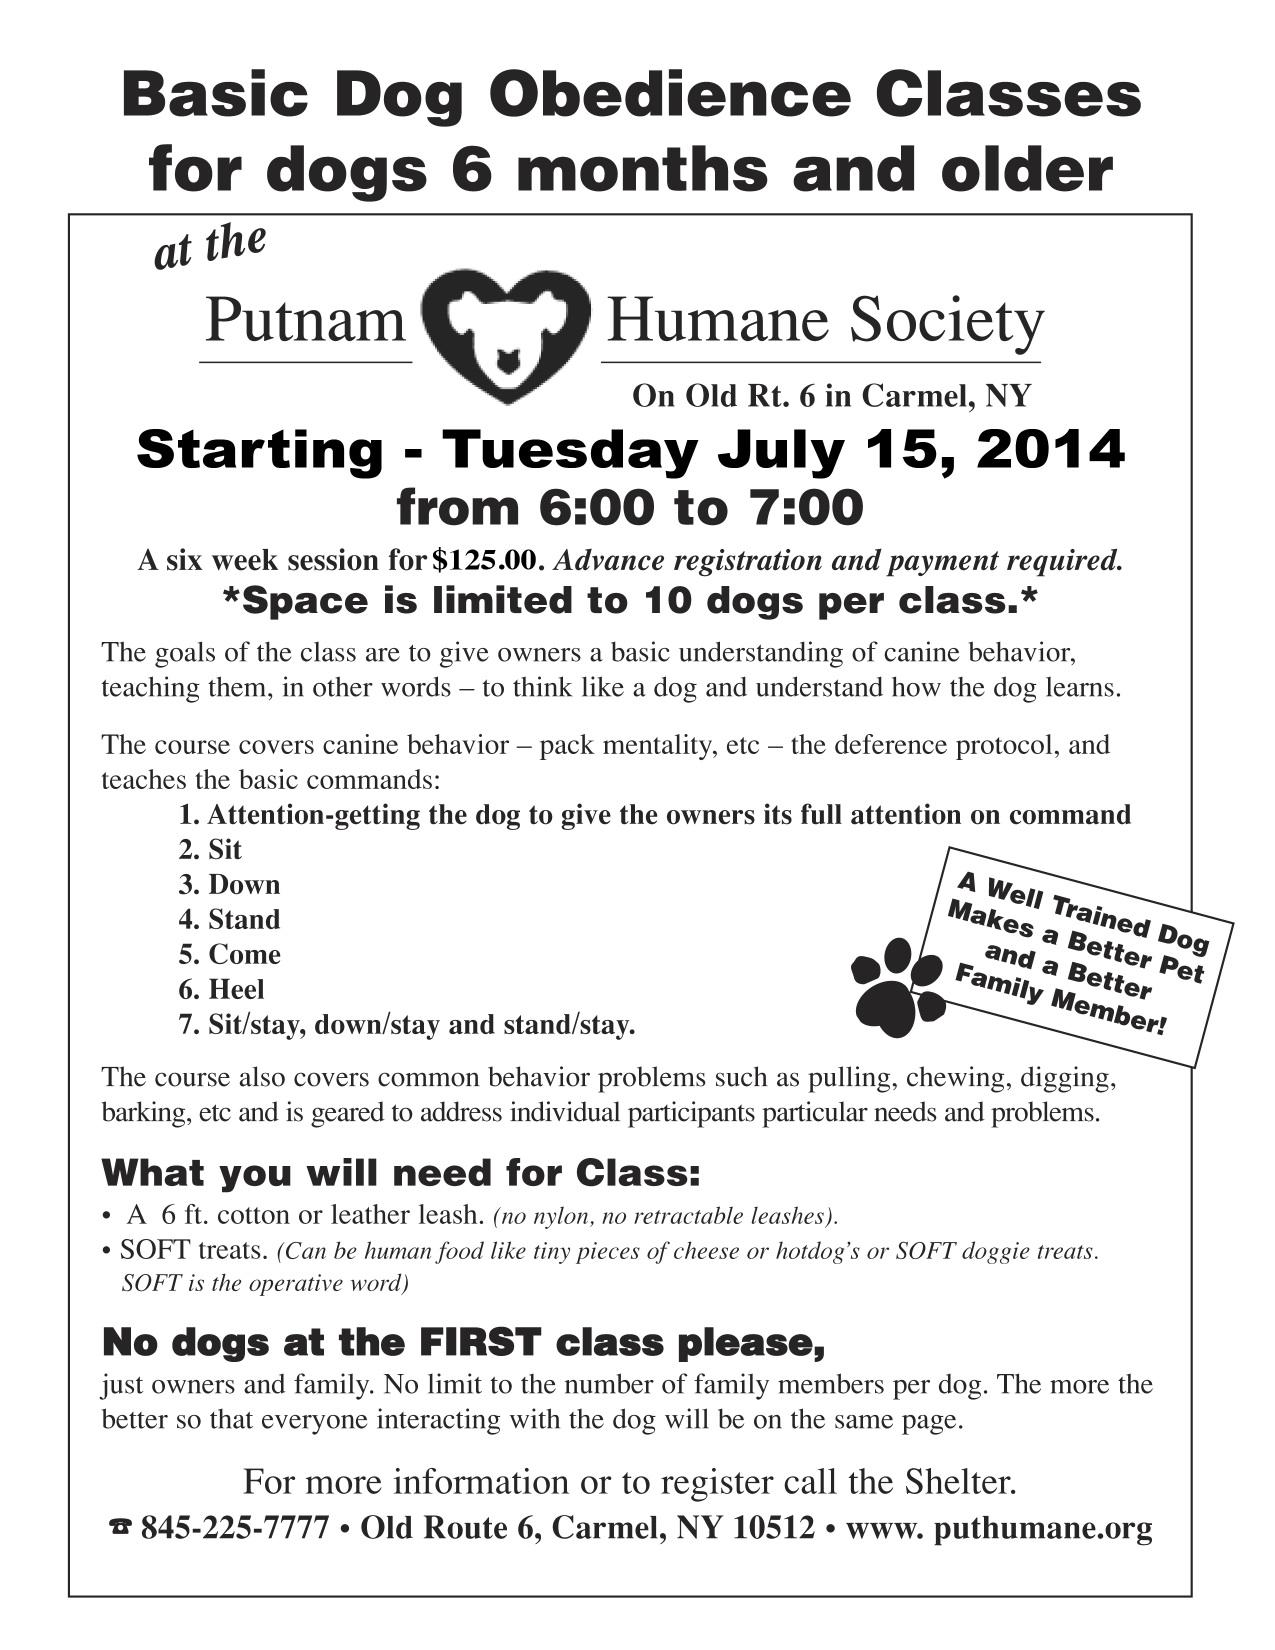 PHS Dog Training flyerjuly2014 | Putnam Humane Society